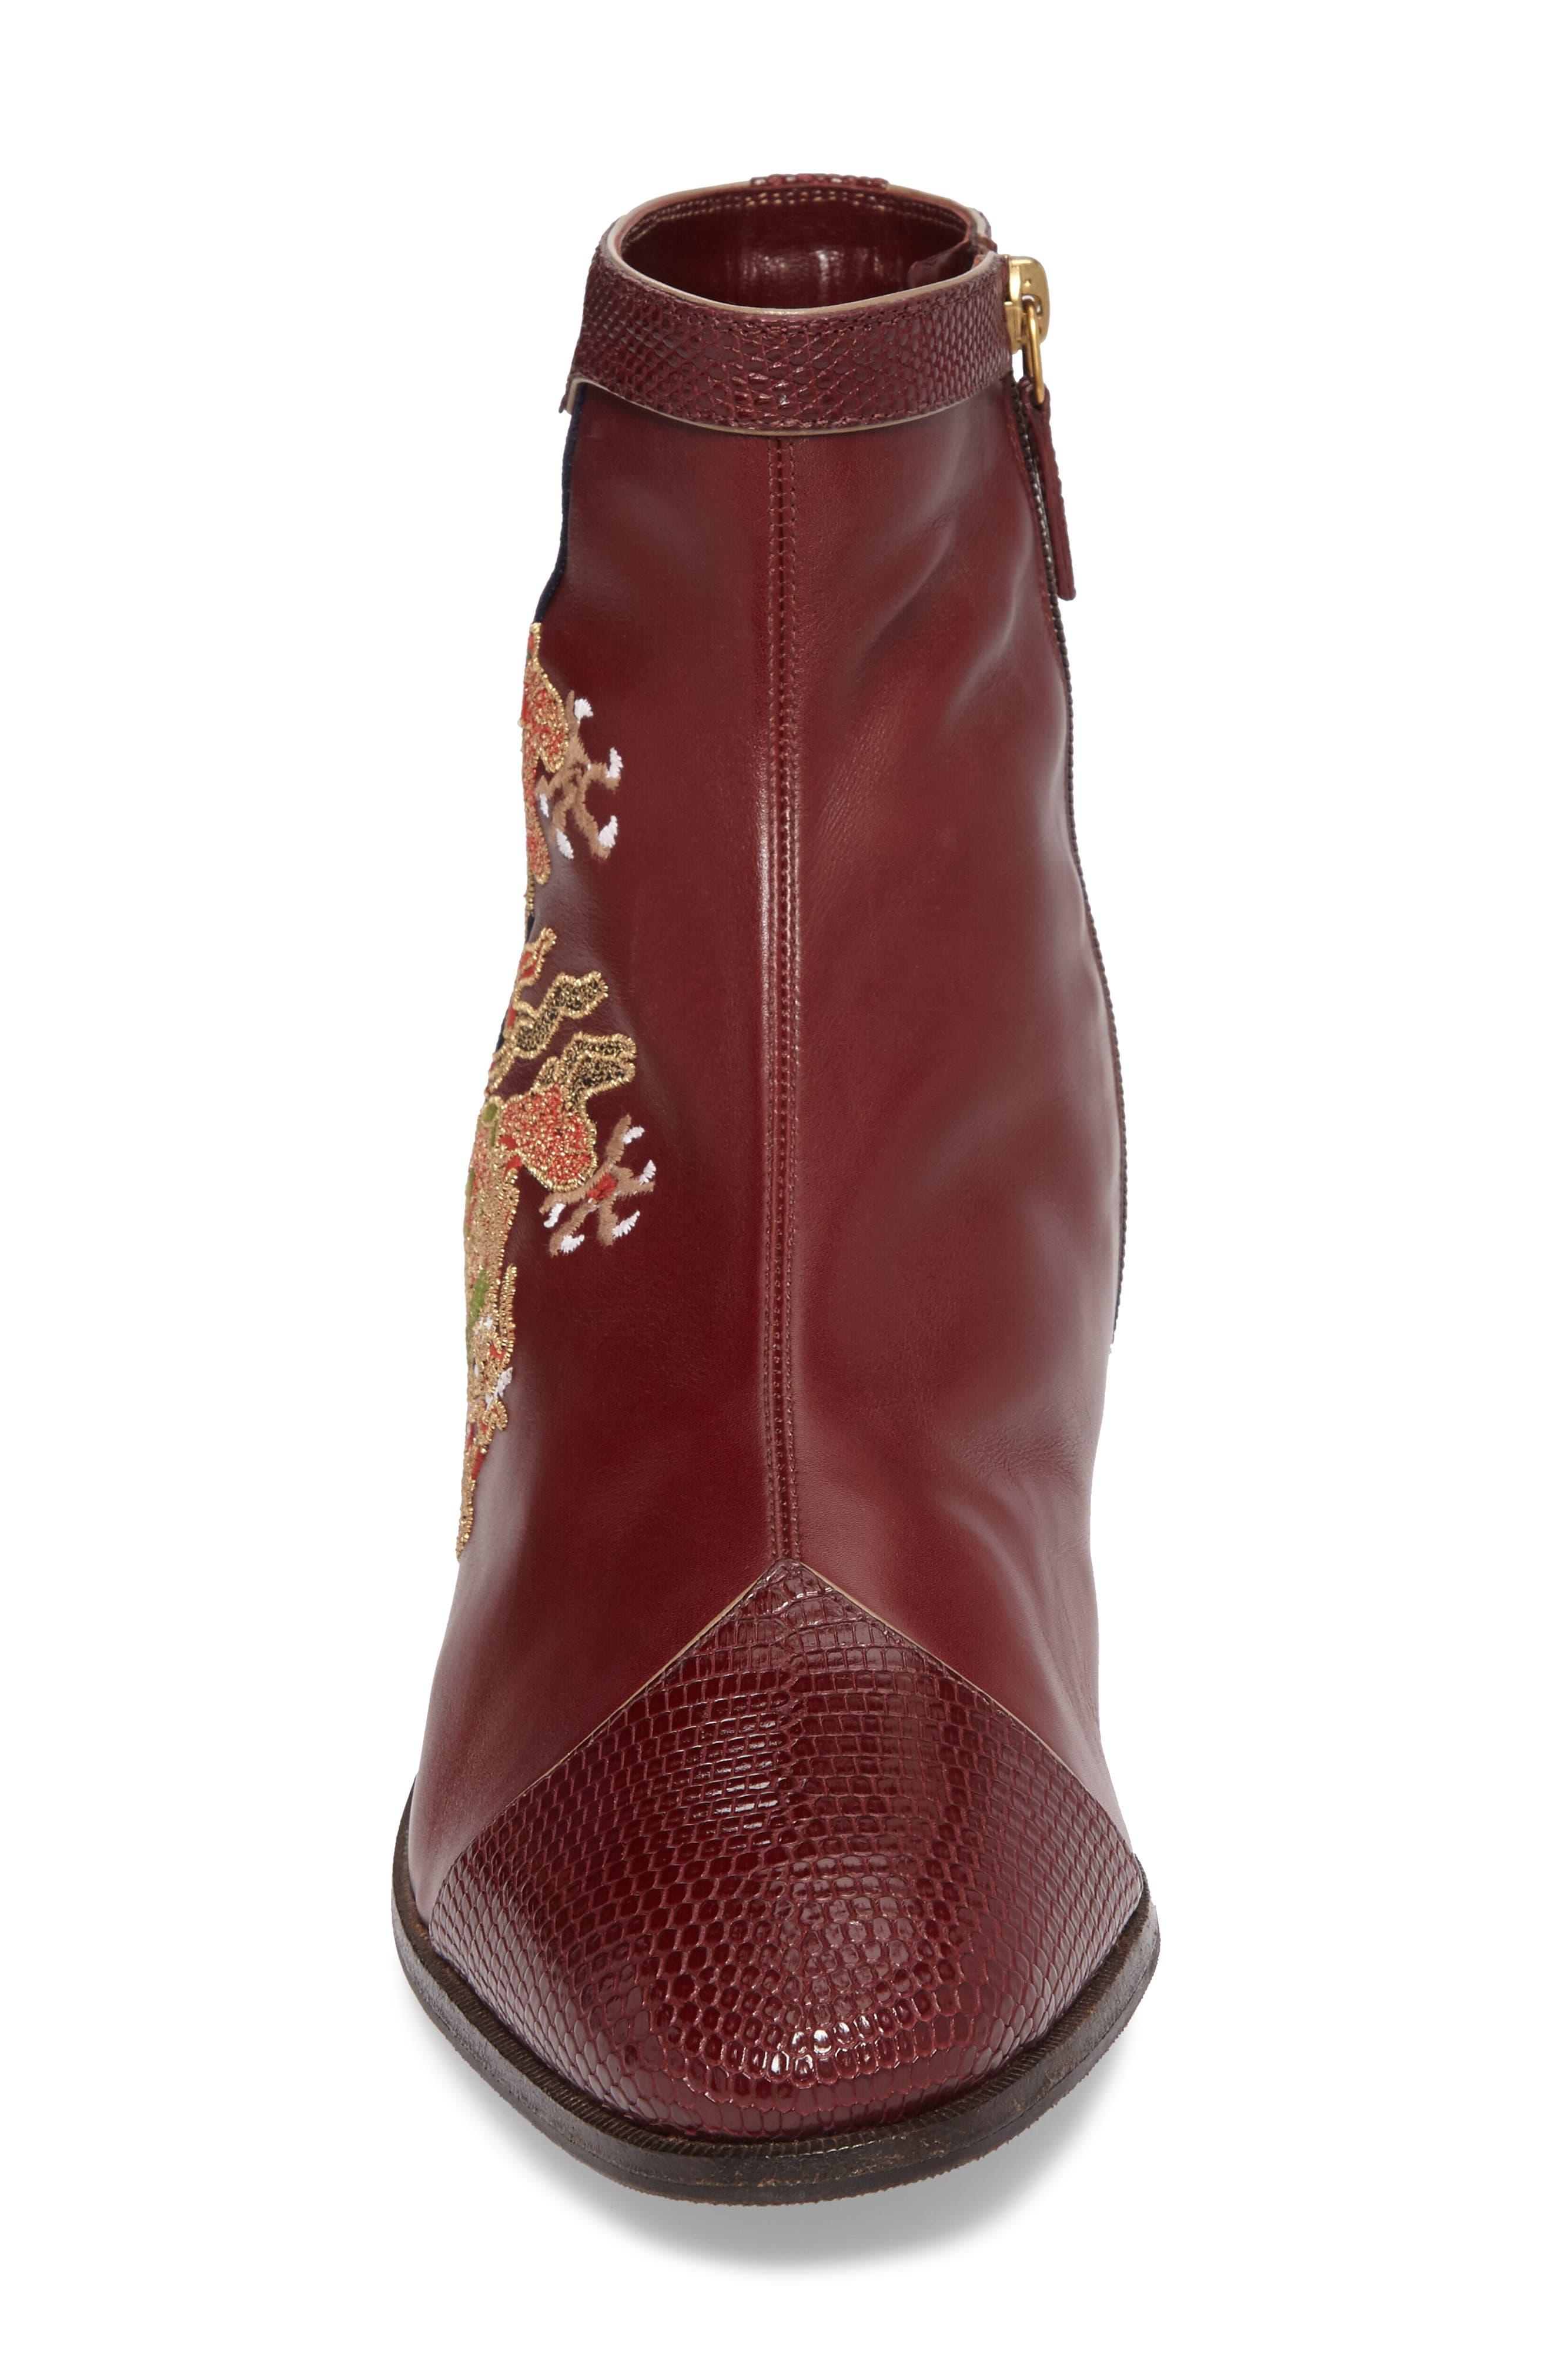 Dragon Leather Boot,                             Alternate thumbnail 4, color,                             BORDEAUX